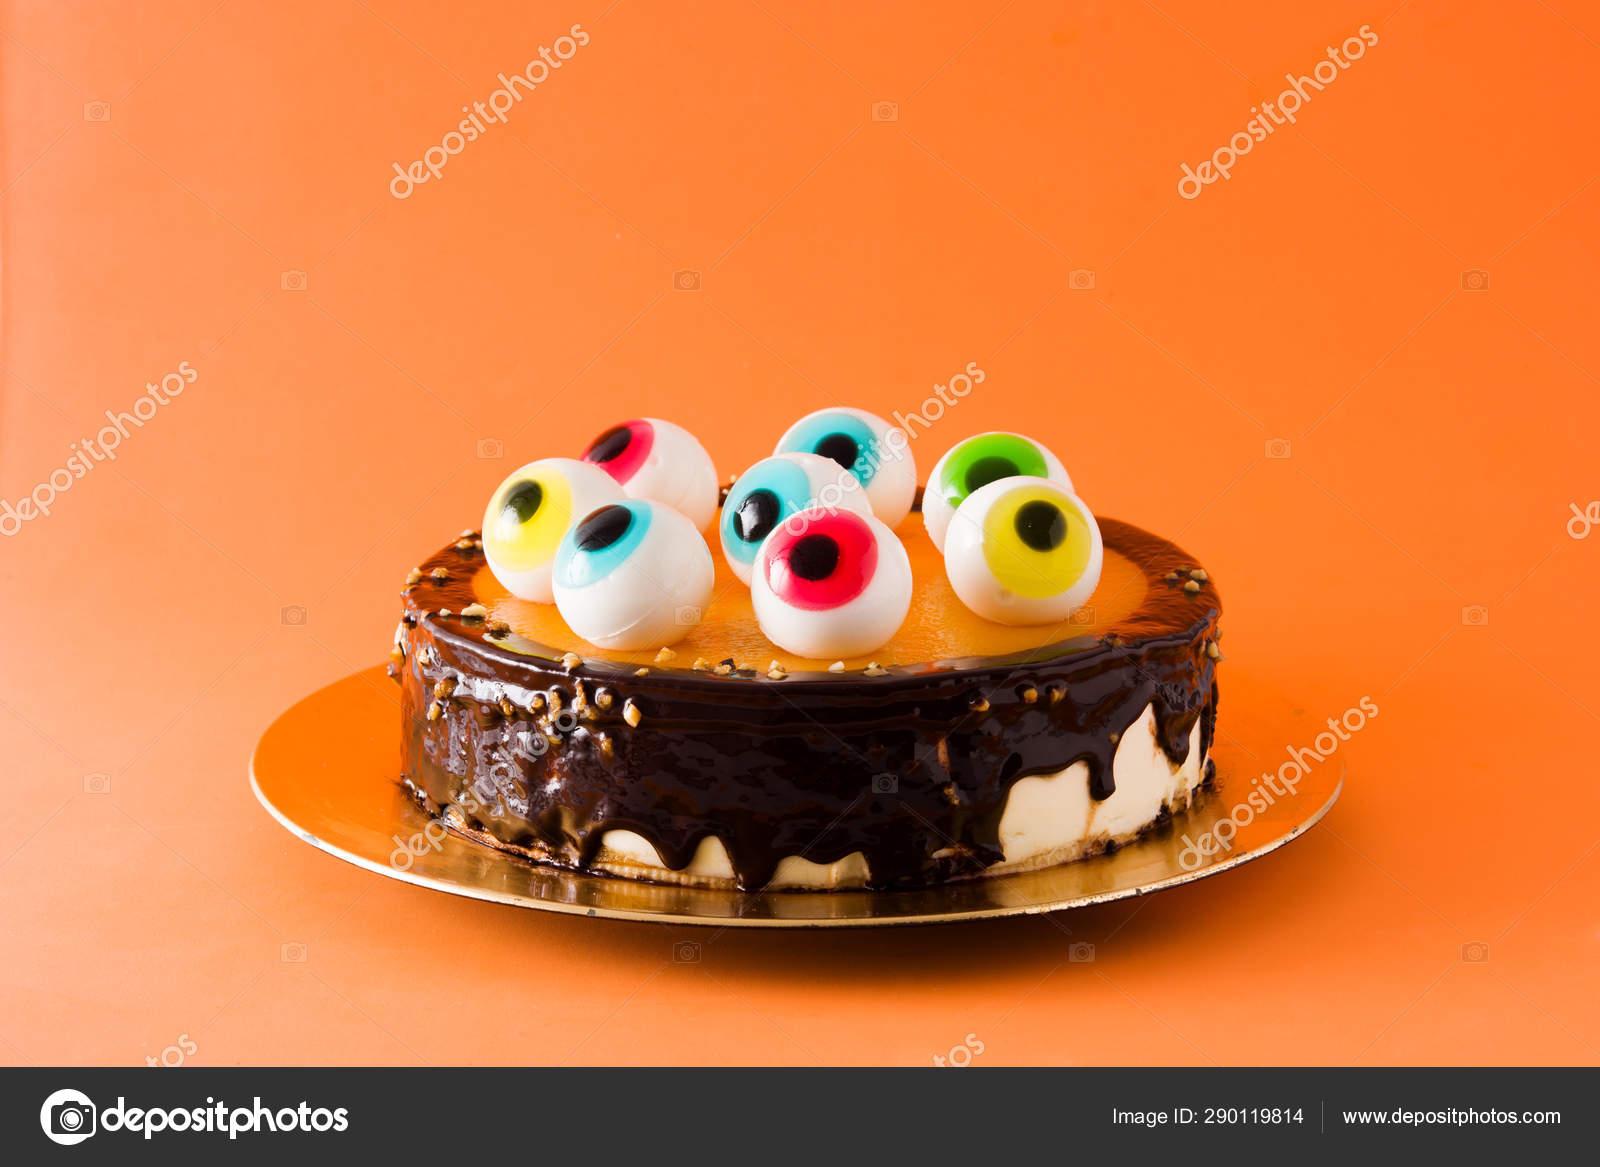 Halloween Kuchen Mit Bonbonaugen Dekoration Auf Orangefarbenem Hintergrund Stockfoto C Etorres69 290119814